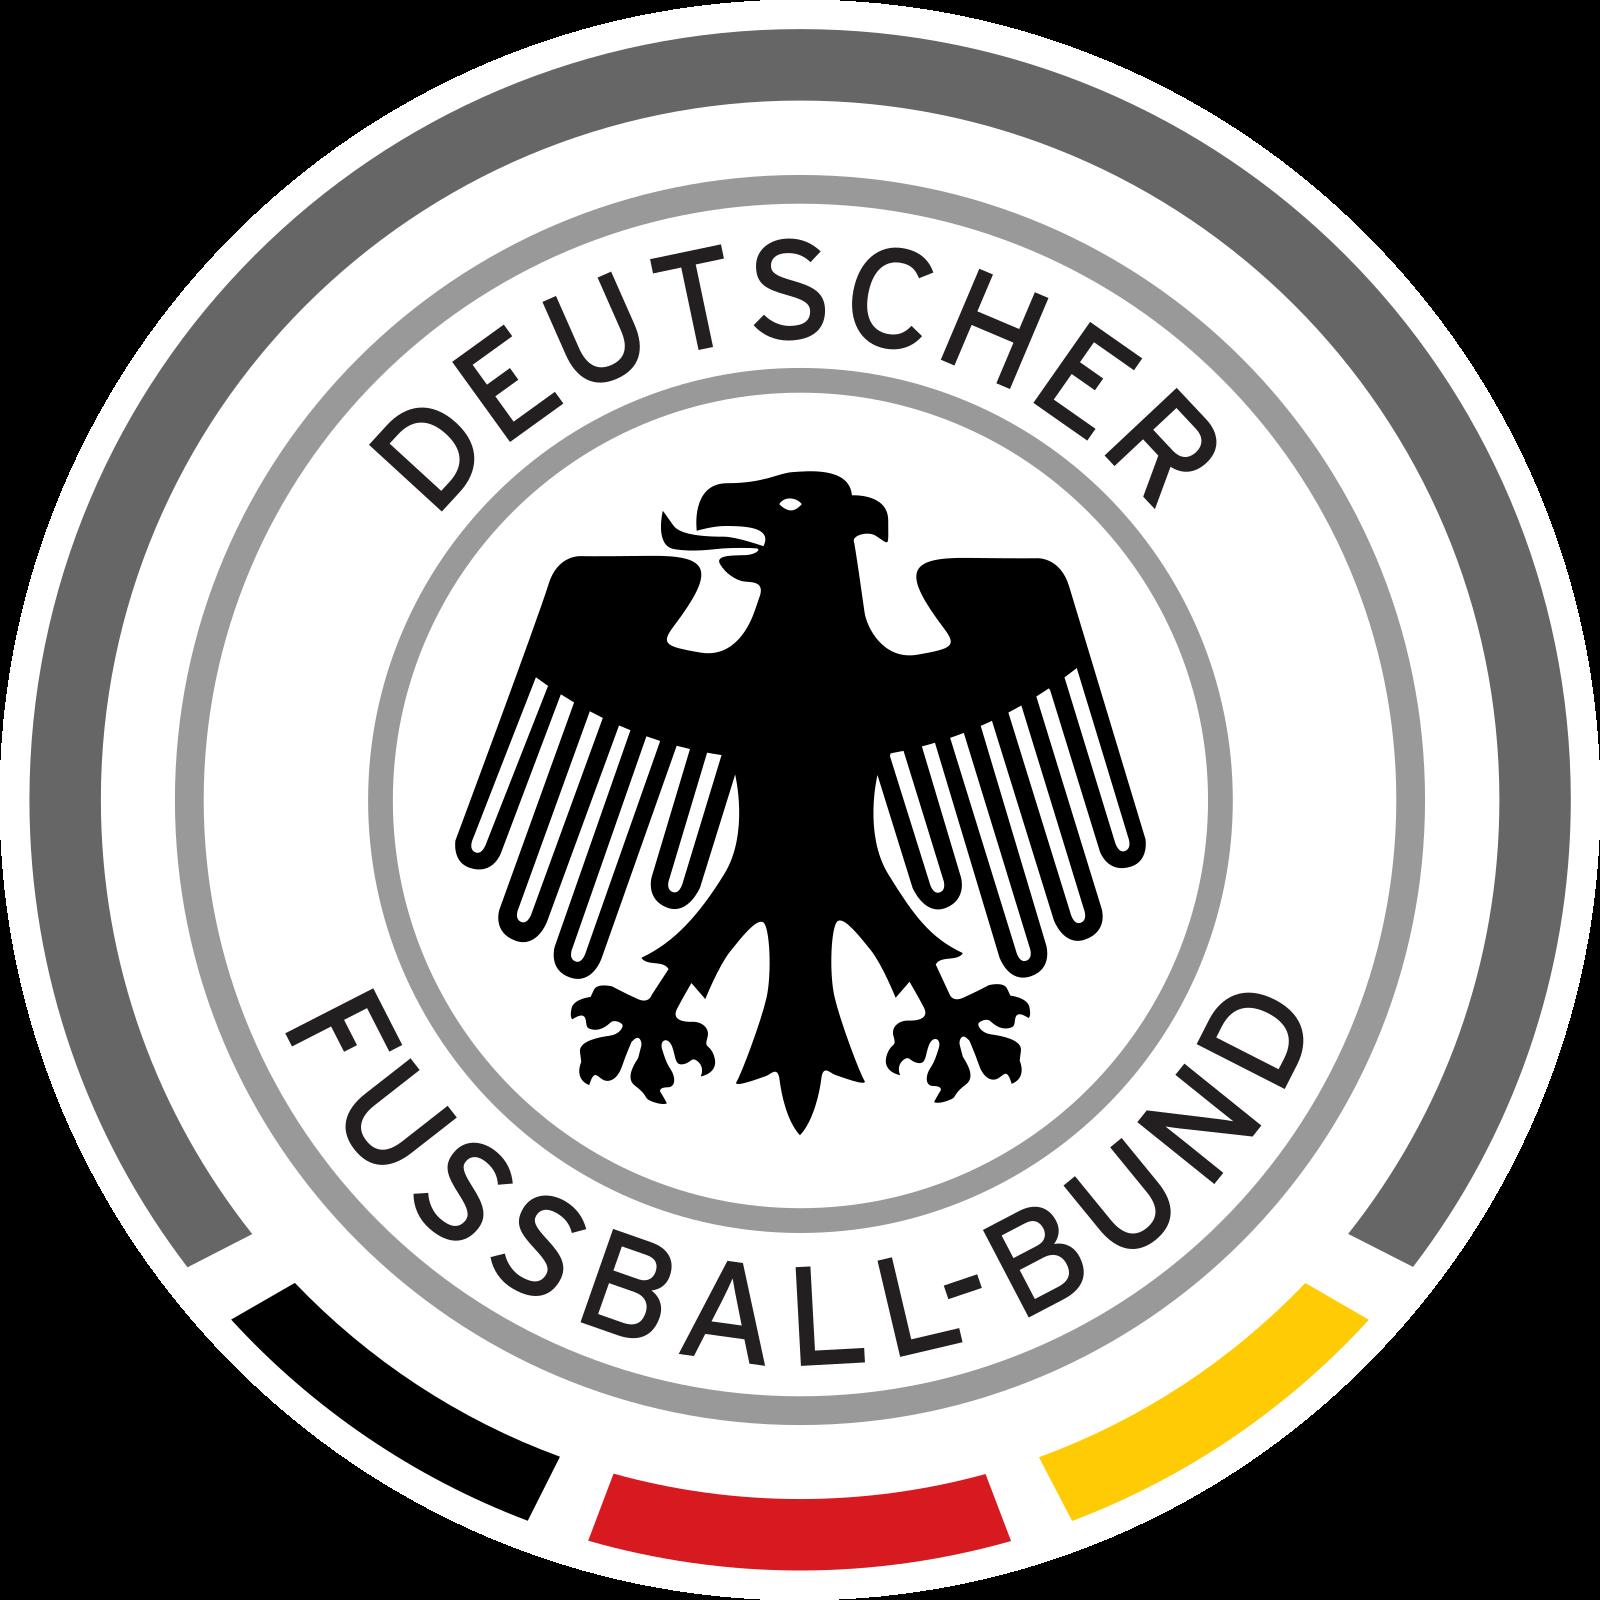 selecao alemanha logo escudo 5 - Seleção da Alemanha Logo - Escudo